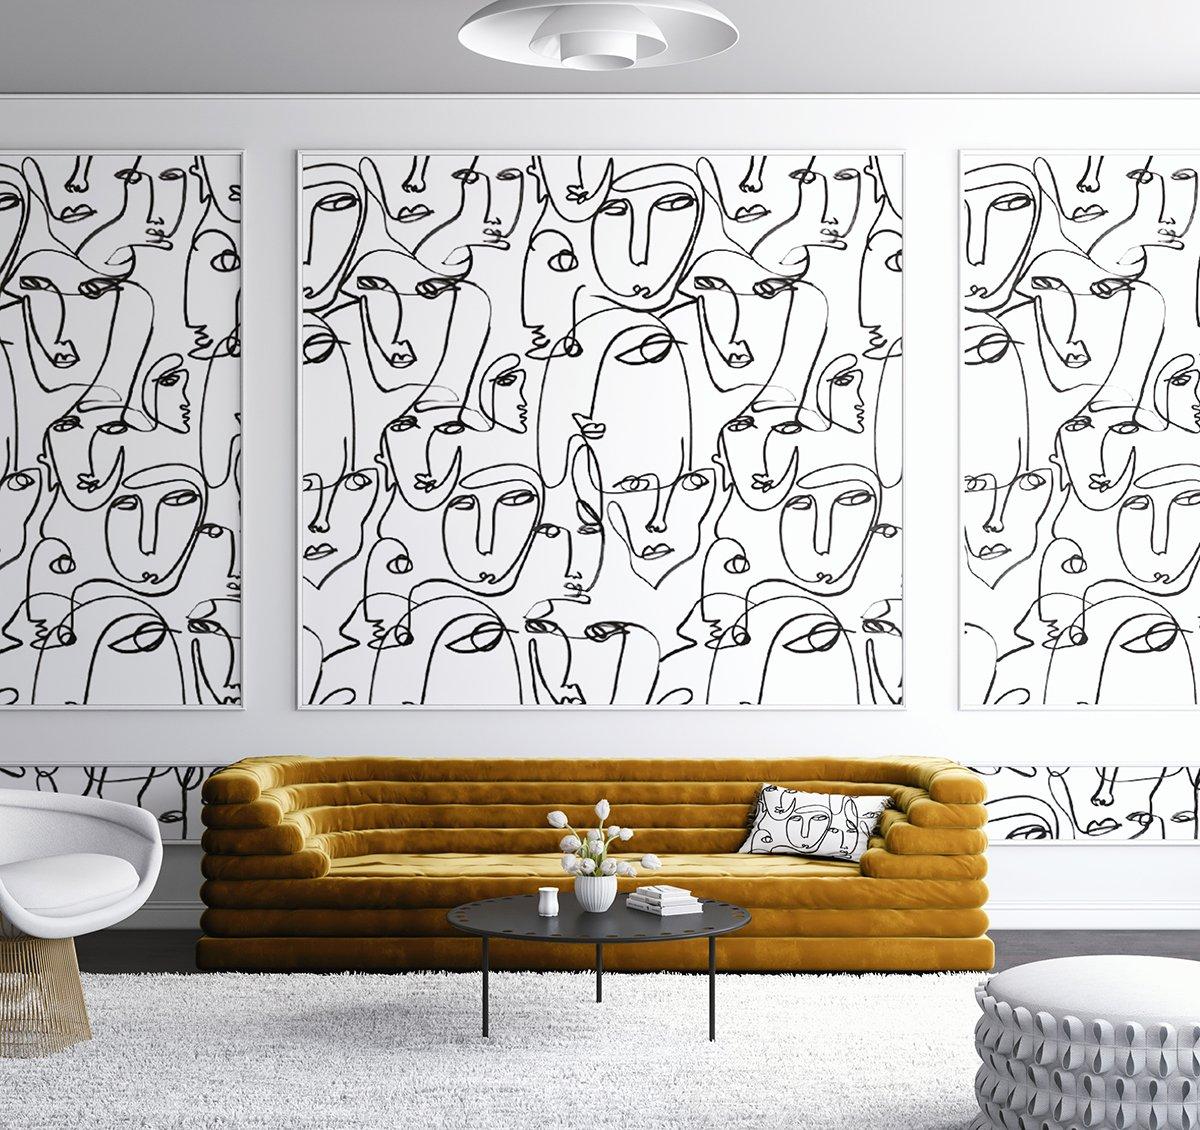 Tappezzeria stoffa da parati 3d murale design moderna carta da parati,. Carta Da Parati Moderna Come Vestire Con Stile Le Pareti